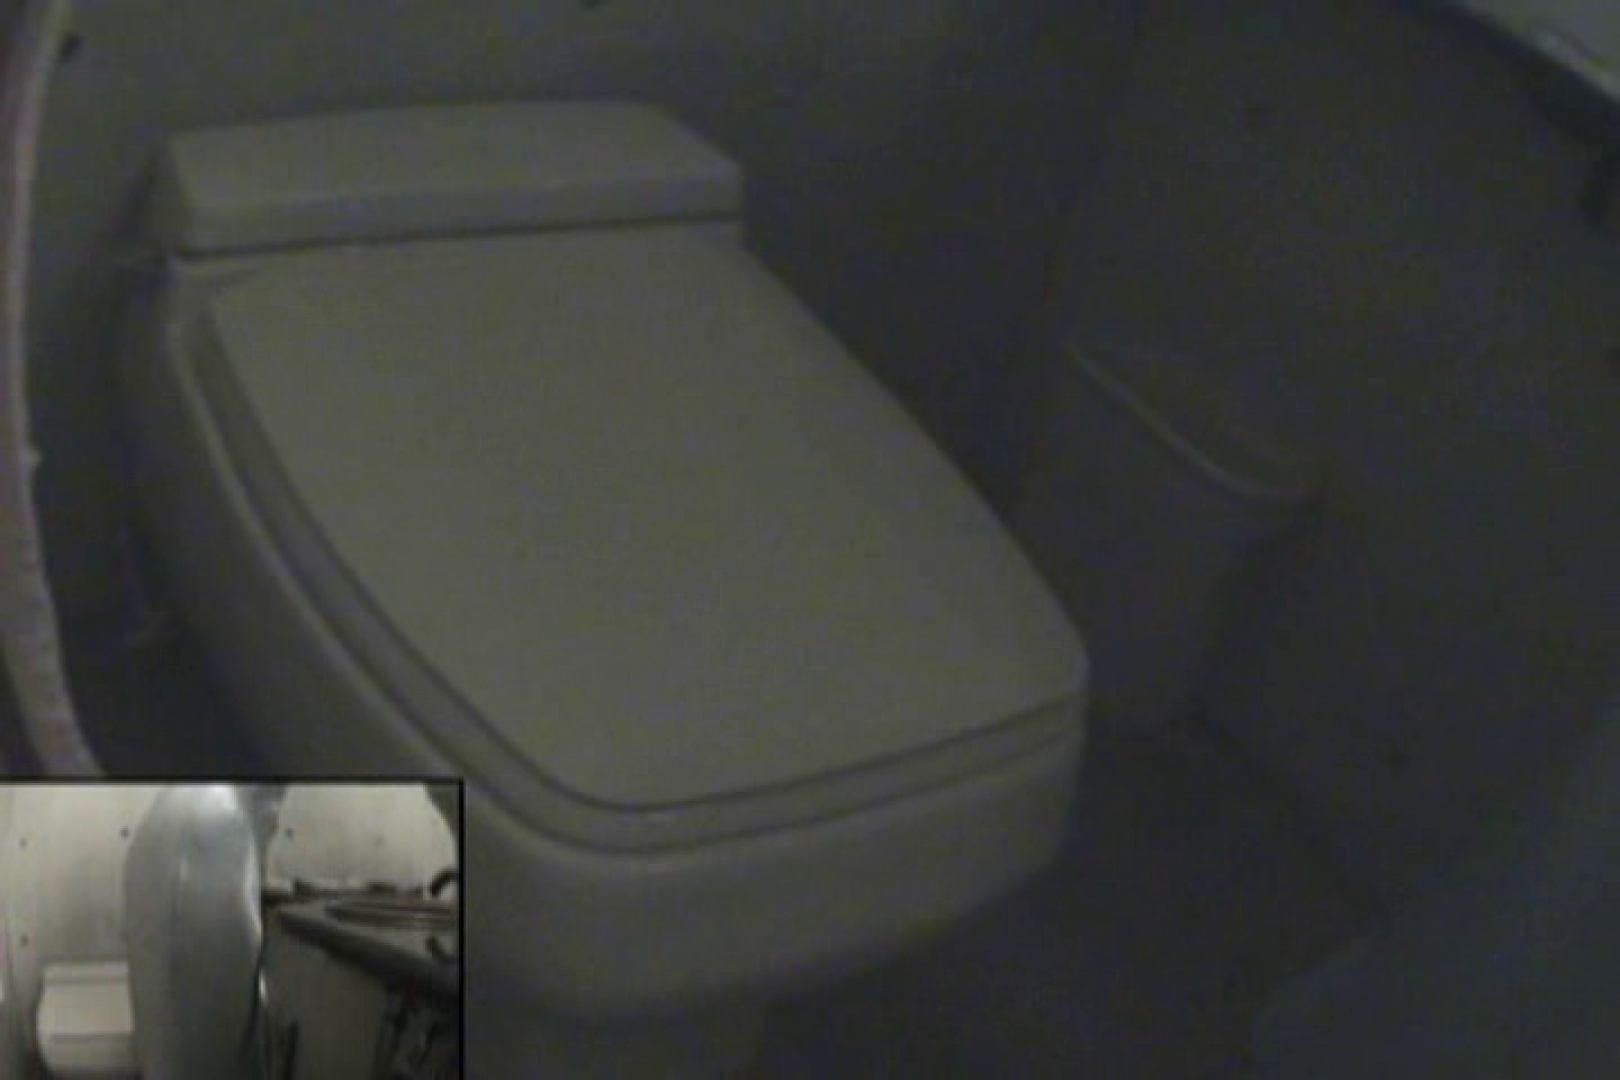 キャバ嬢は仕事の合間でもオナニーします!!Vol.8 洗面所 のぞき濡れ場動画紹介 59pic 48